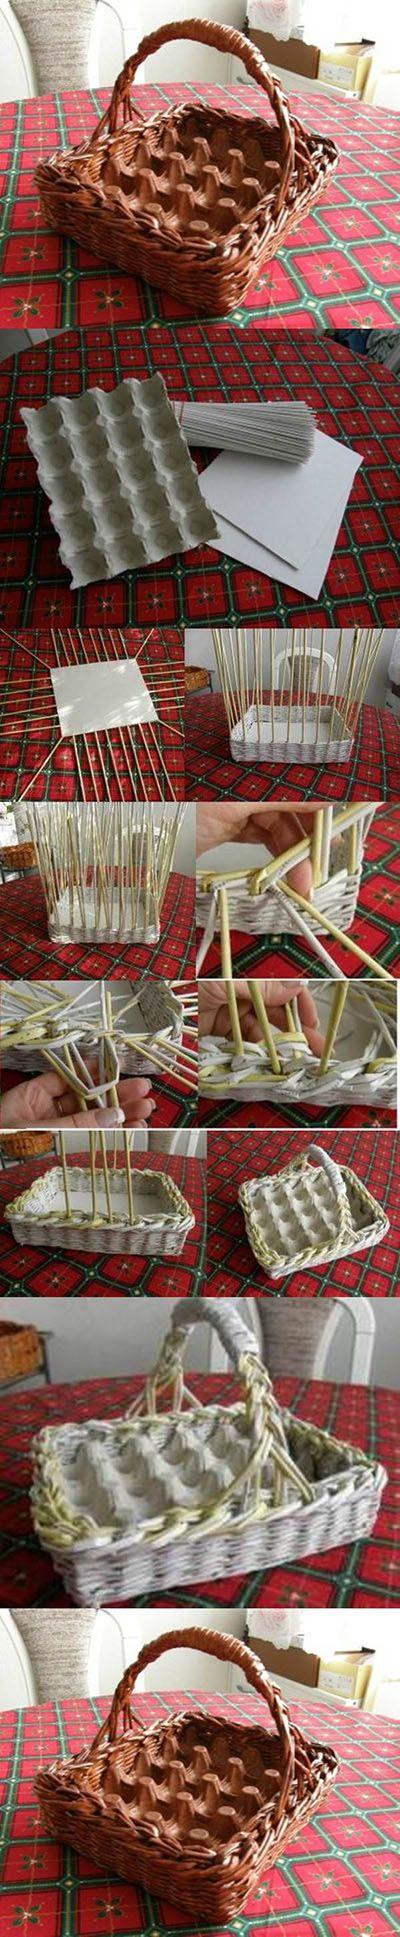 DIY Easter Egg Basket out of Woven Paper | DIY & Crafts Tutorials